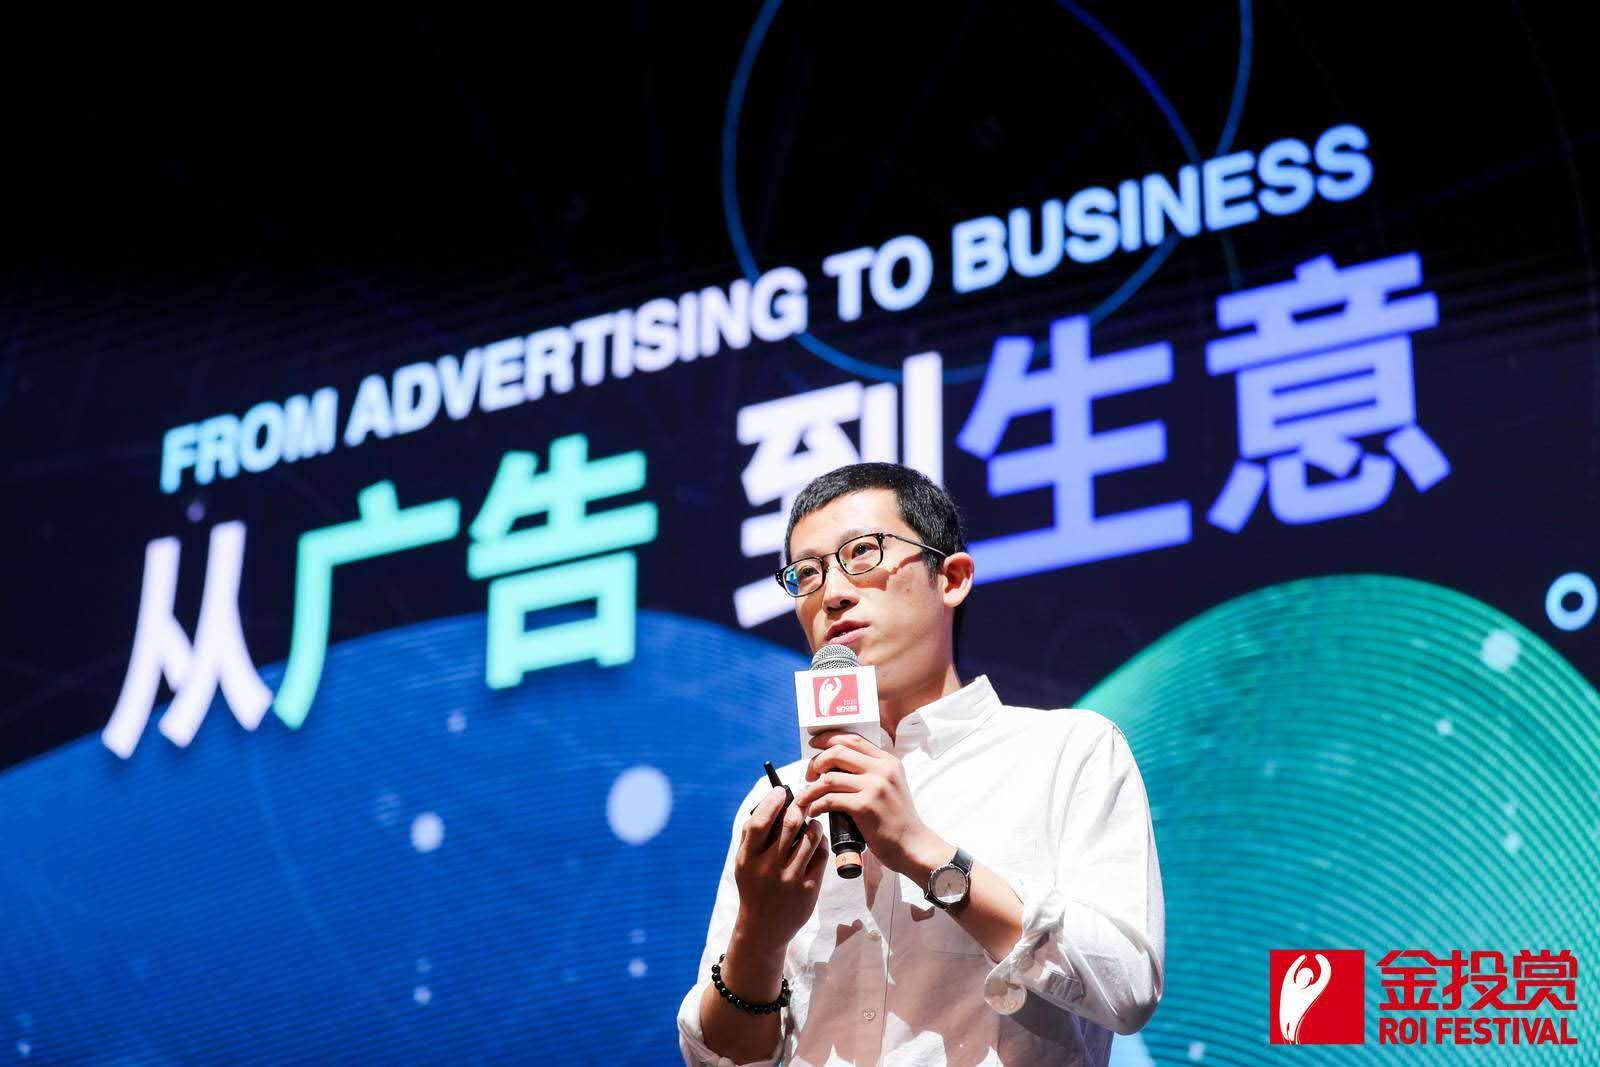 从广告到生意,到底有多远?